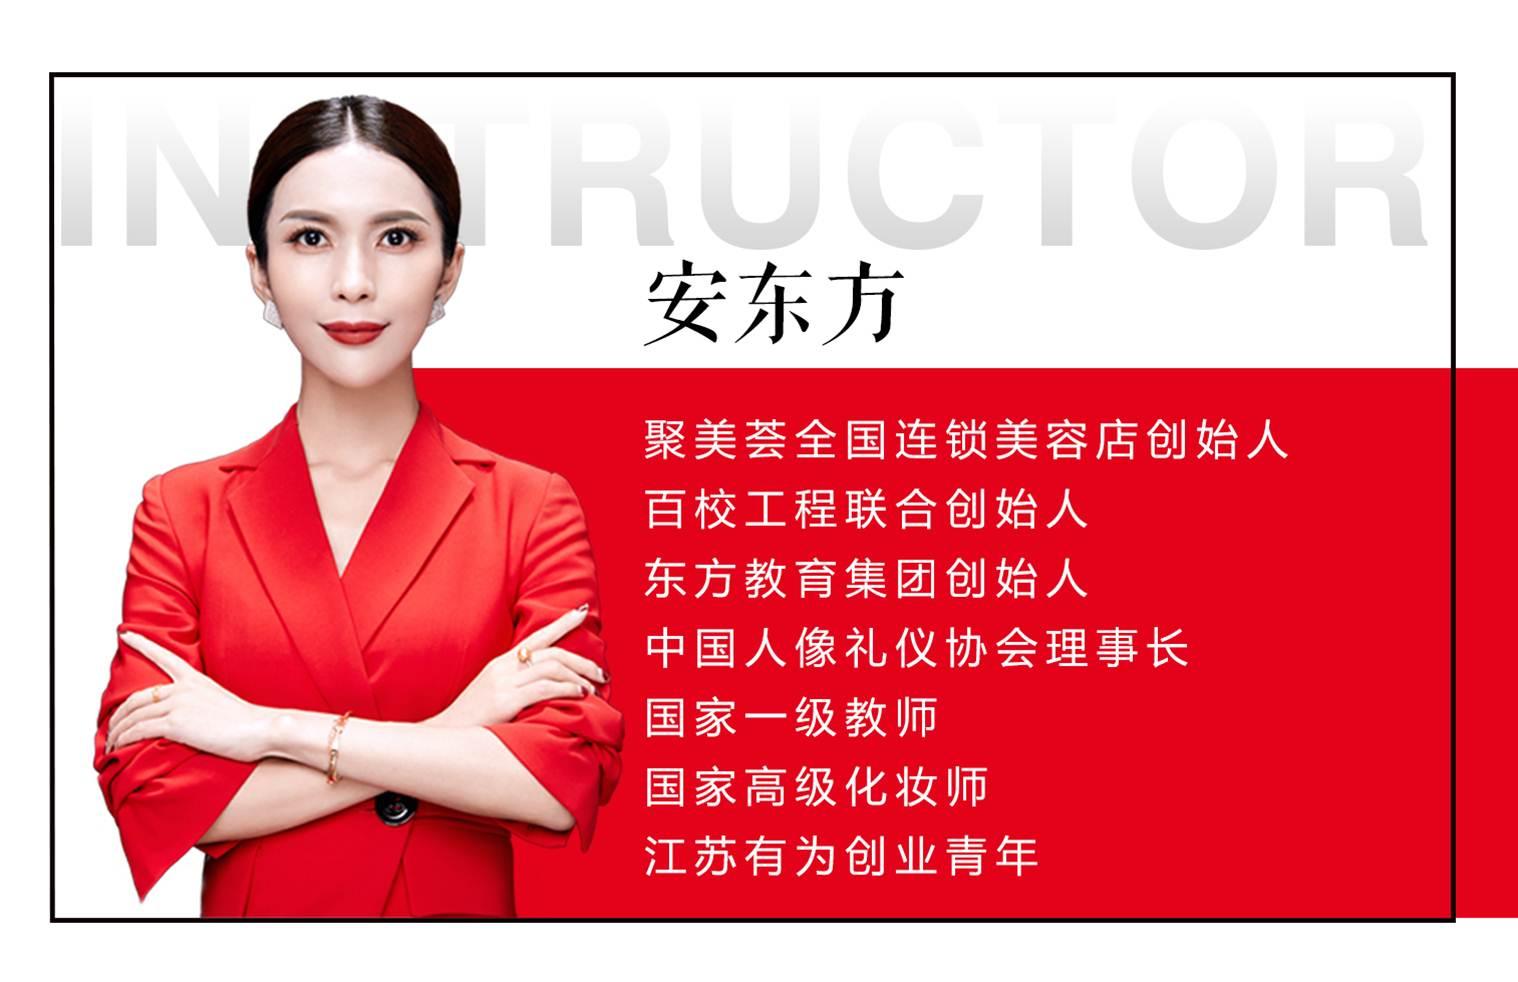 南京学习化妆那个学校好东方化妆晓青老师好